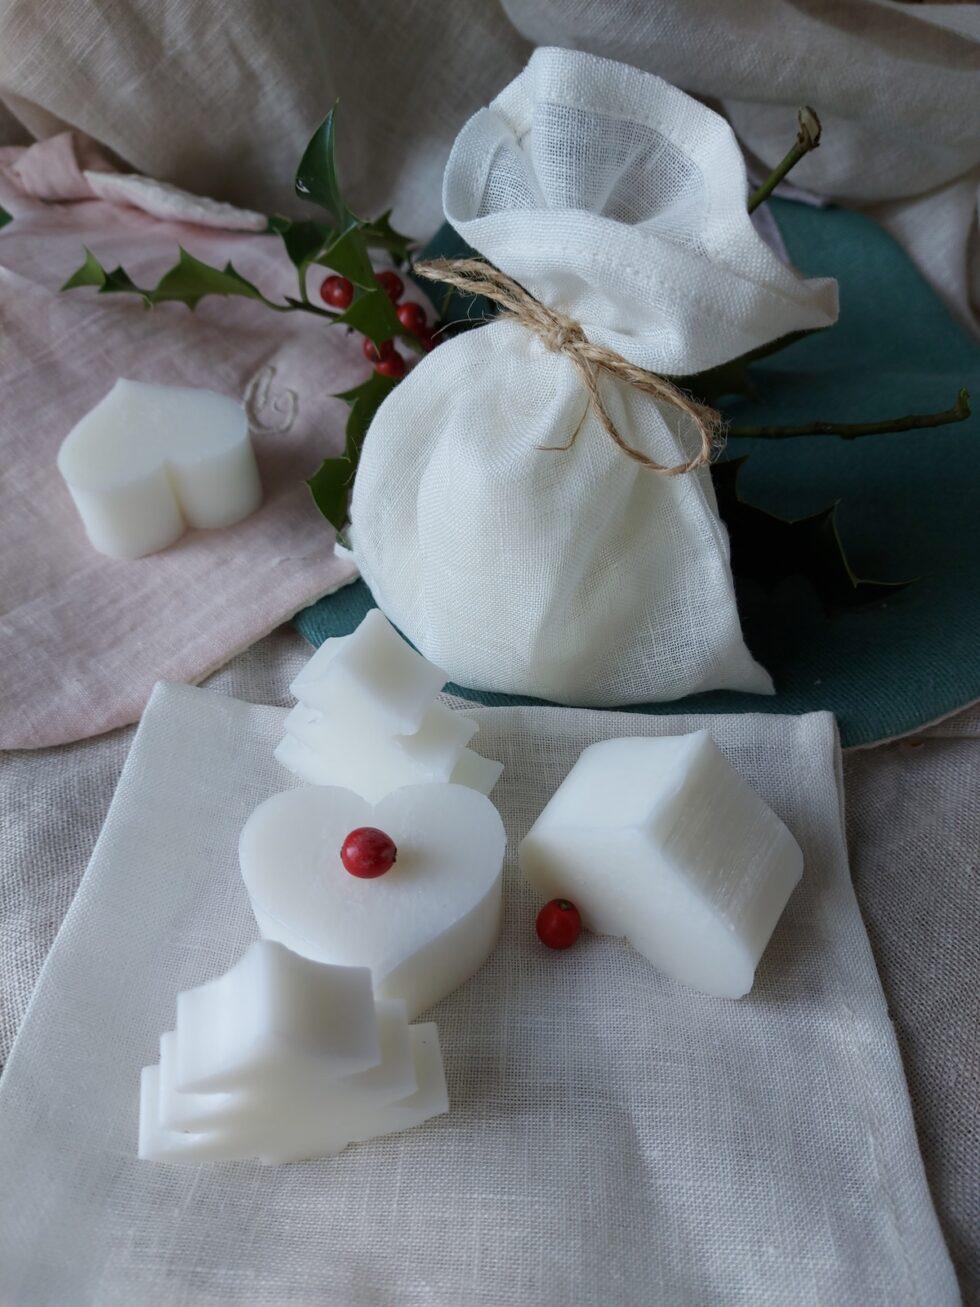 pochon en lin de petits savons artisanaux @ maisonnormande.boutique